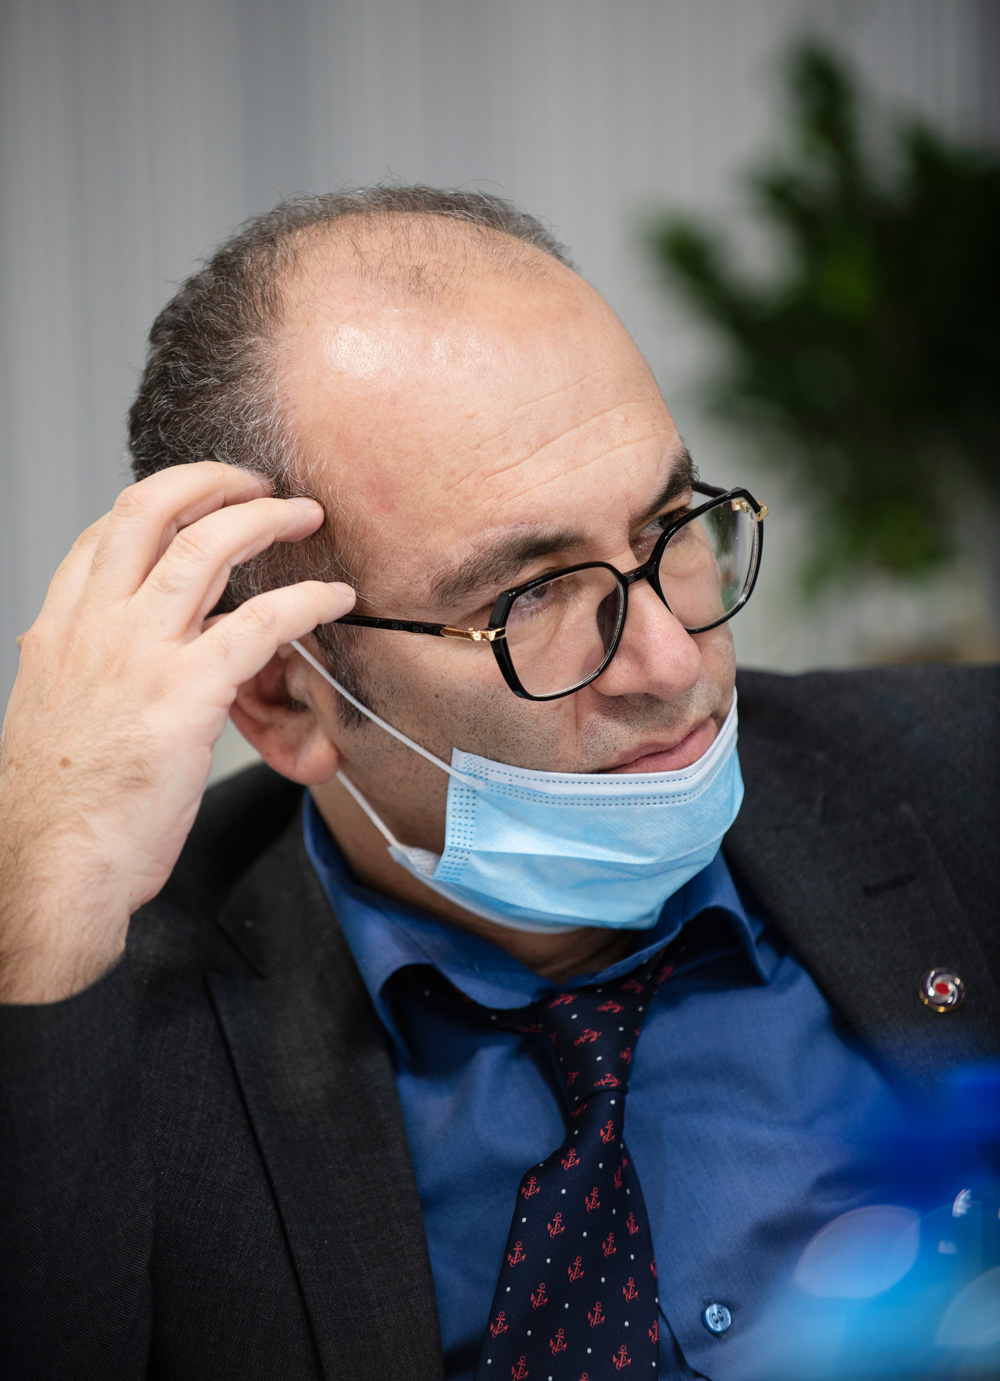 فرهاد اینالویی، معاون فناوری اطلاعات بانک ایرانزمین